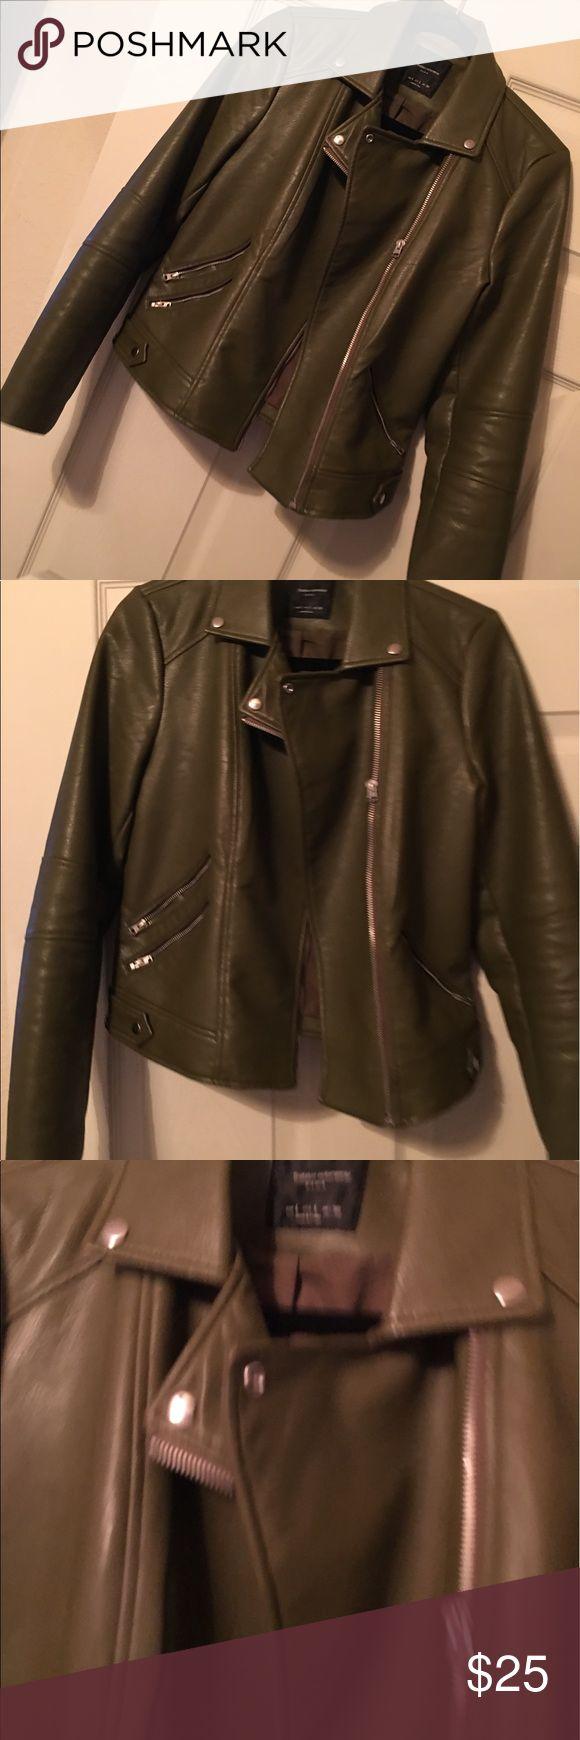 Fuax leather Zara jacket Fuax leather Zara jacket Zara Jackets & Coats